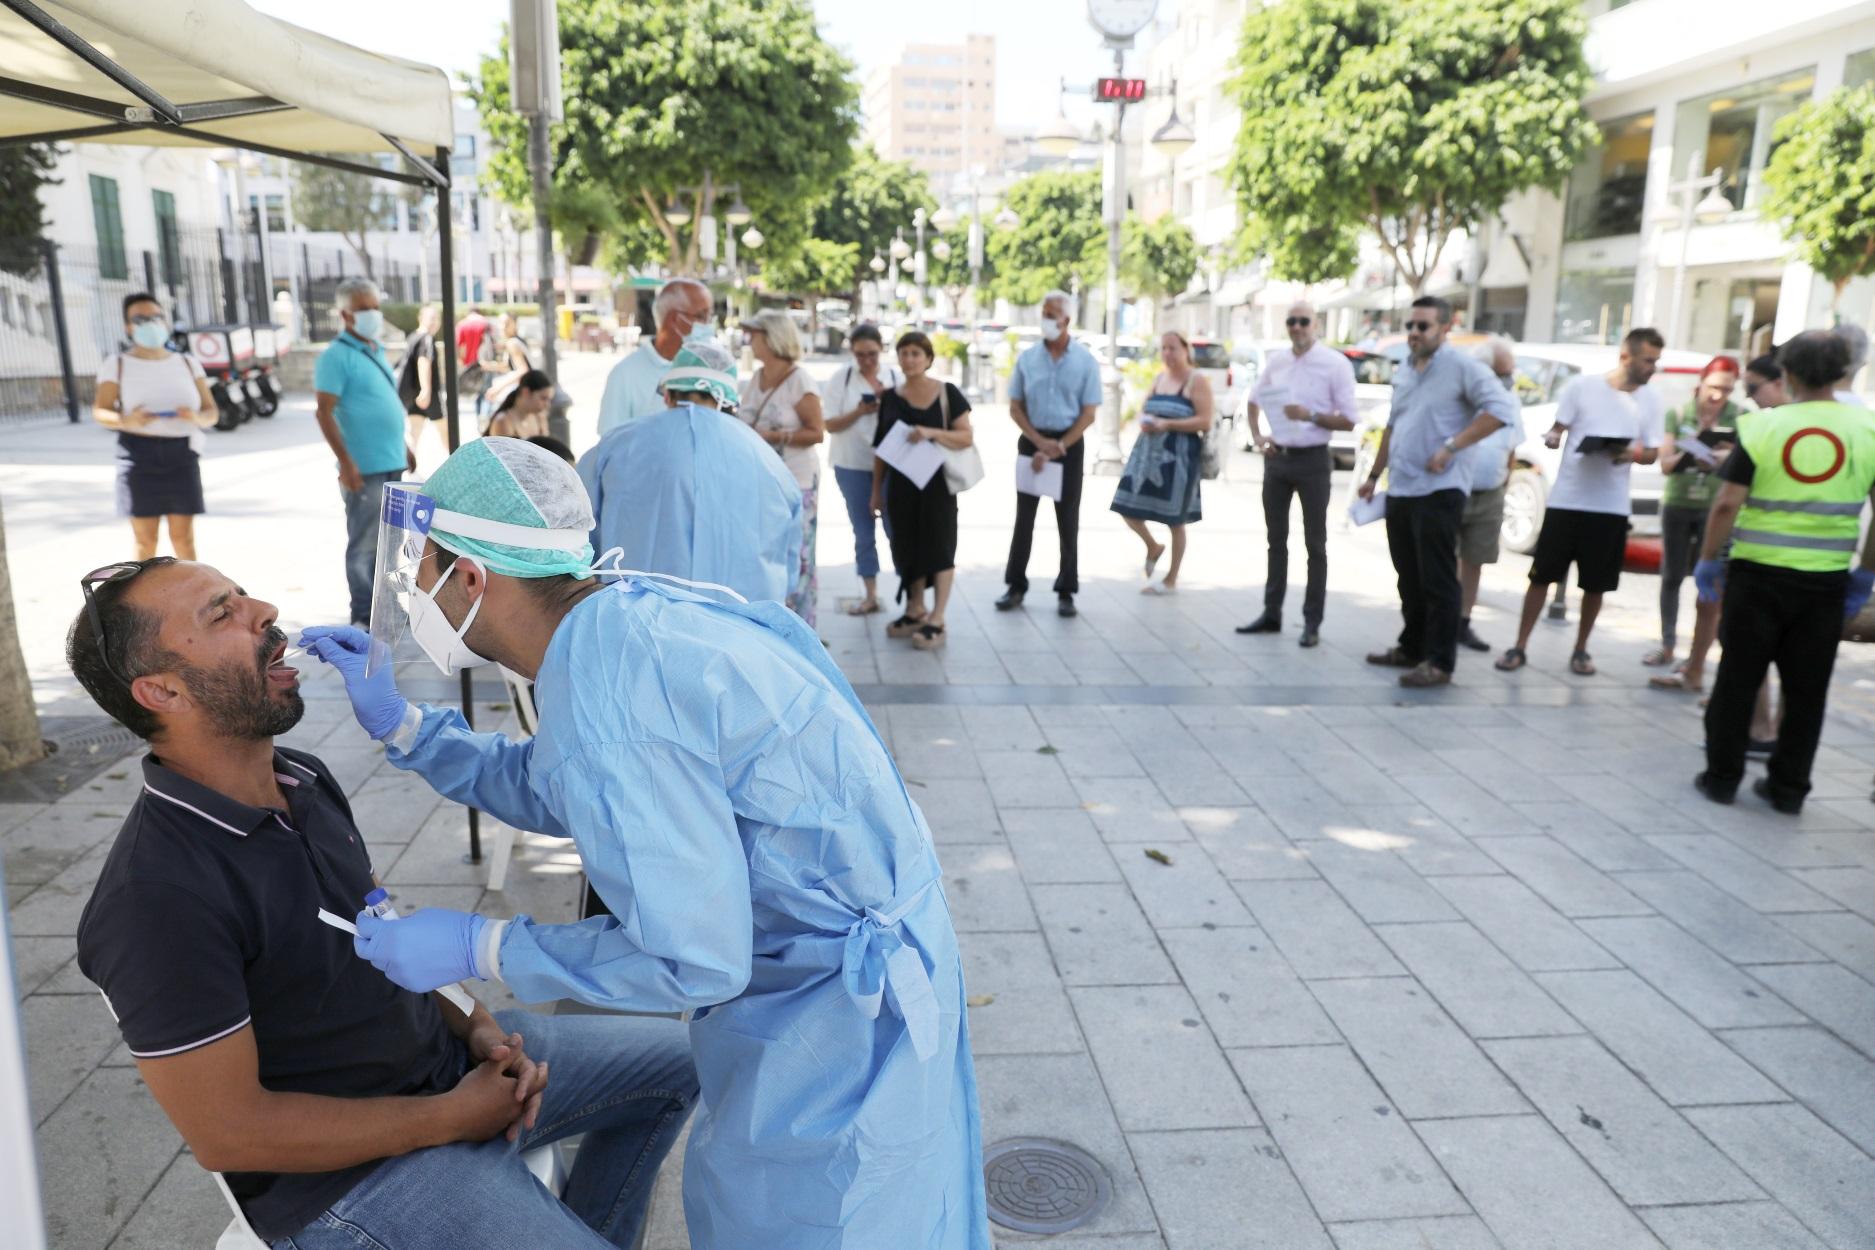 Κύπρος: Ένας νεκρός και 677 νέα κρούσματα κορονοϊού – Αρνητικό ρεκόρ νοσηλειών